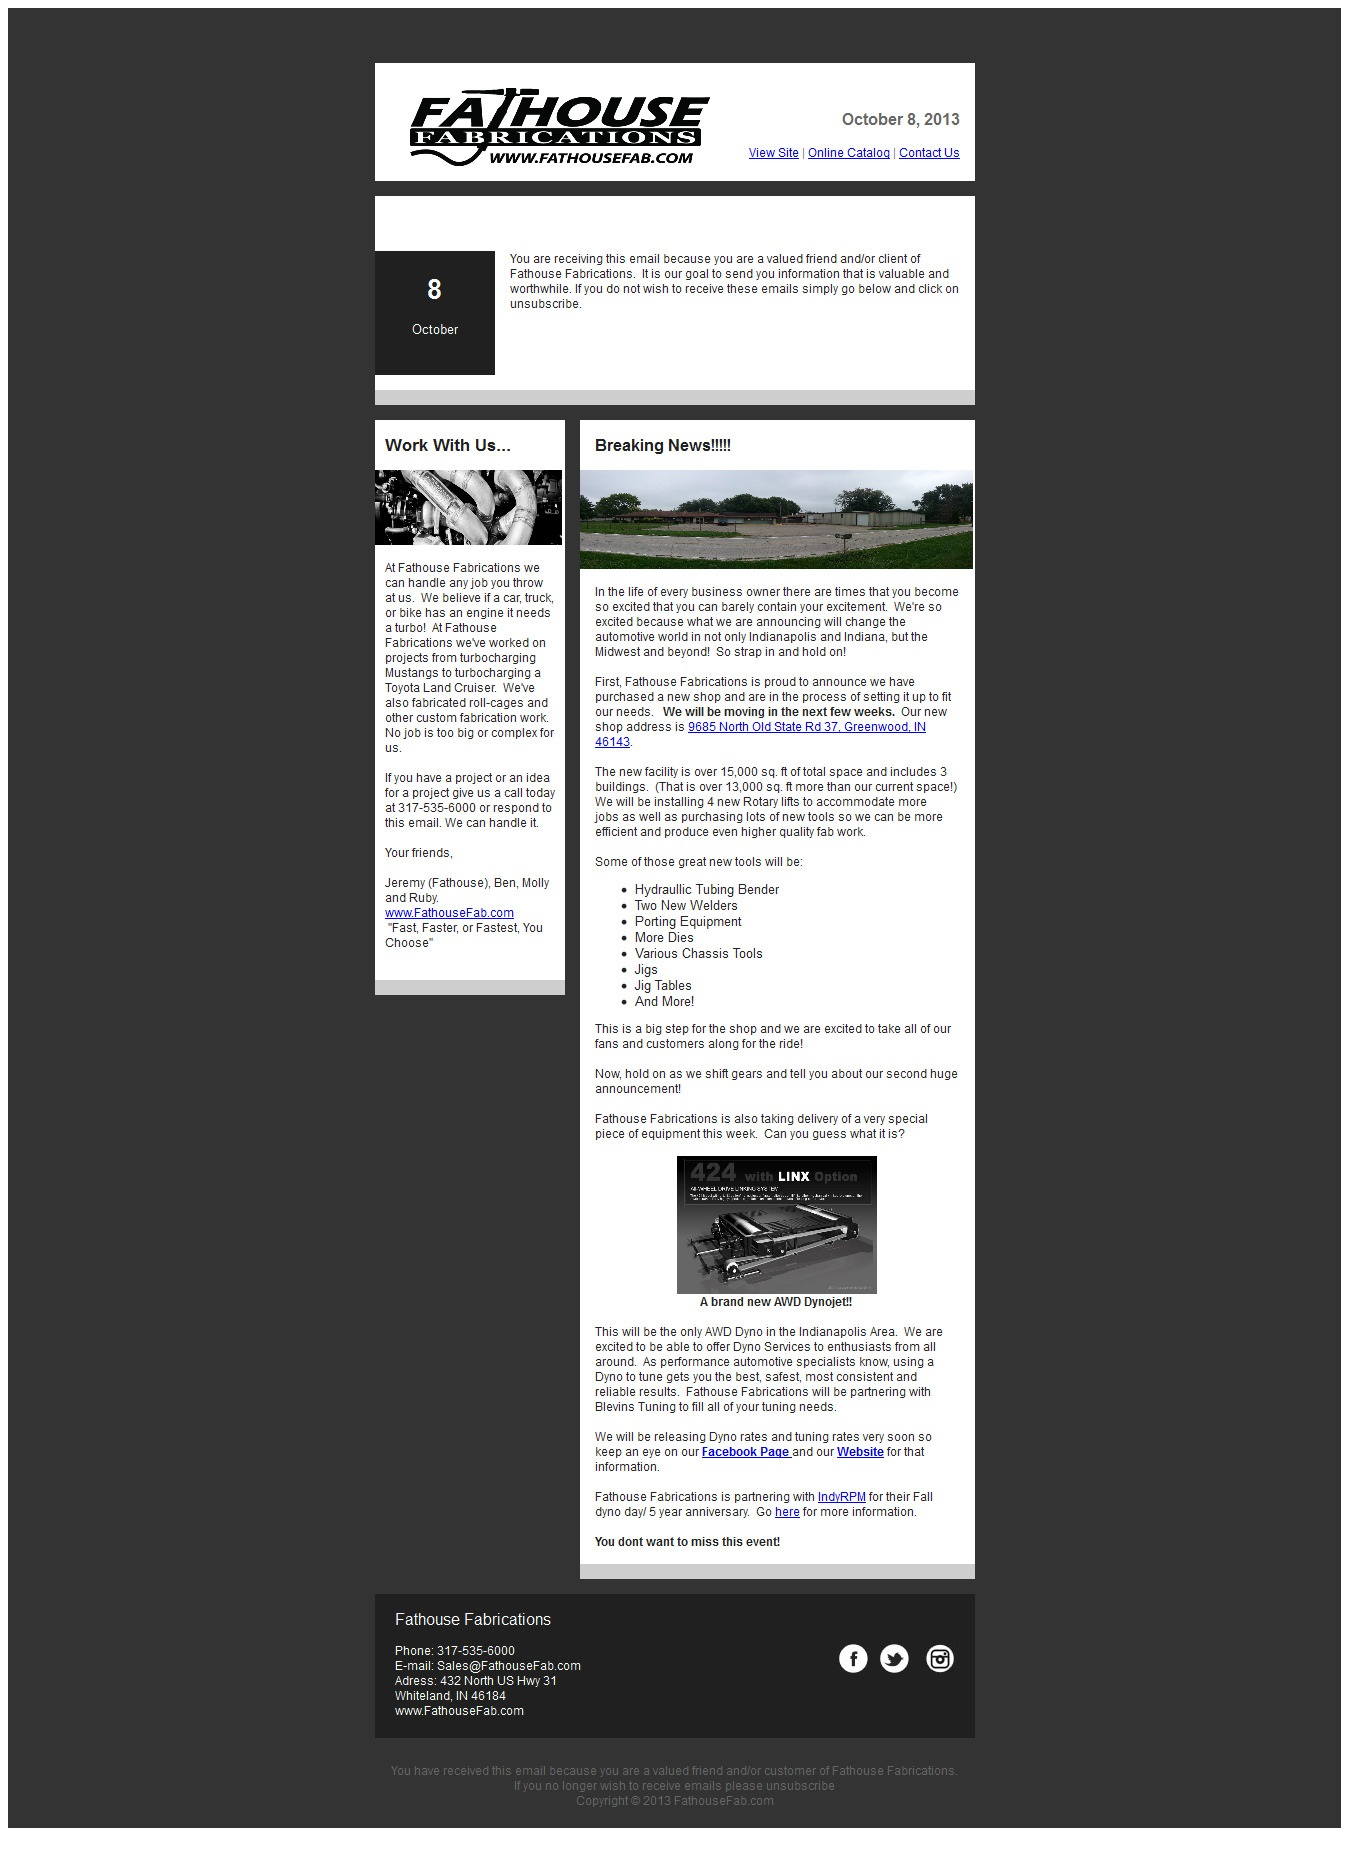 Newsletter 10-8-13